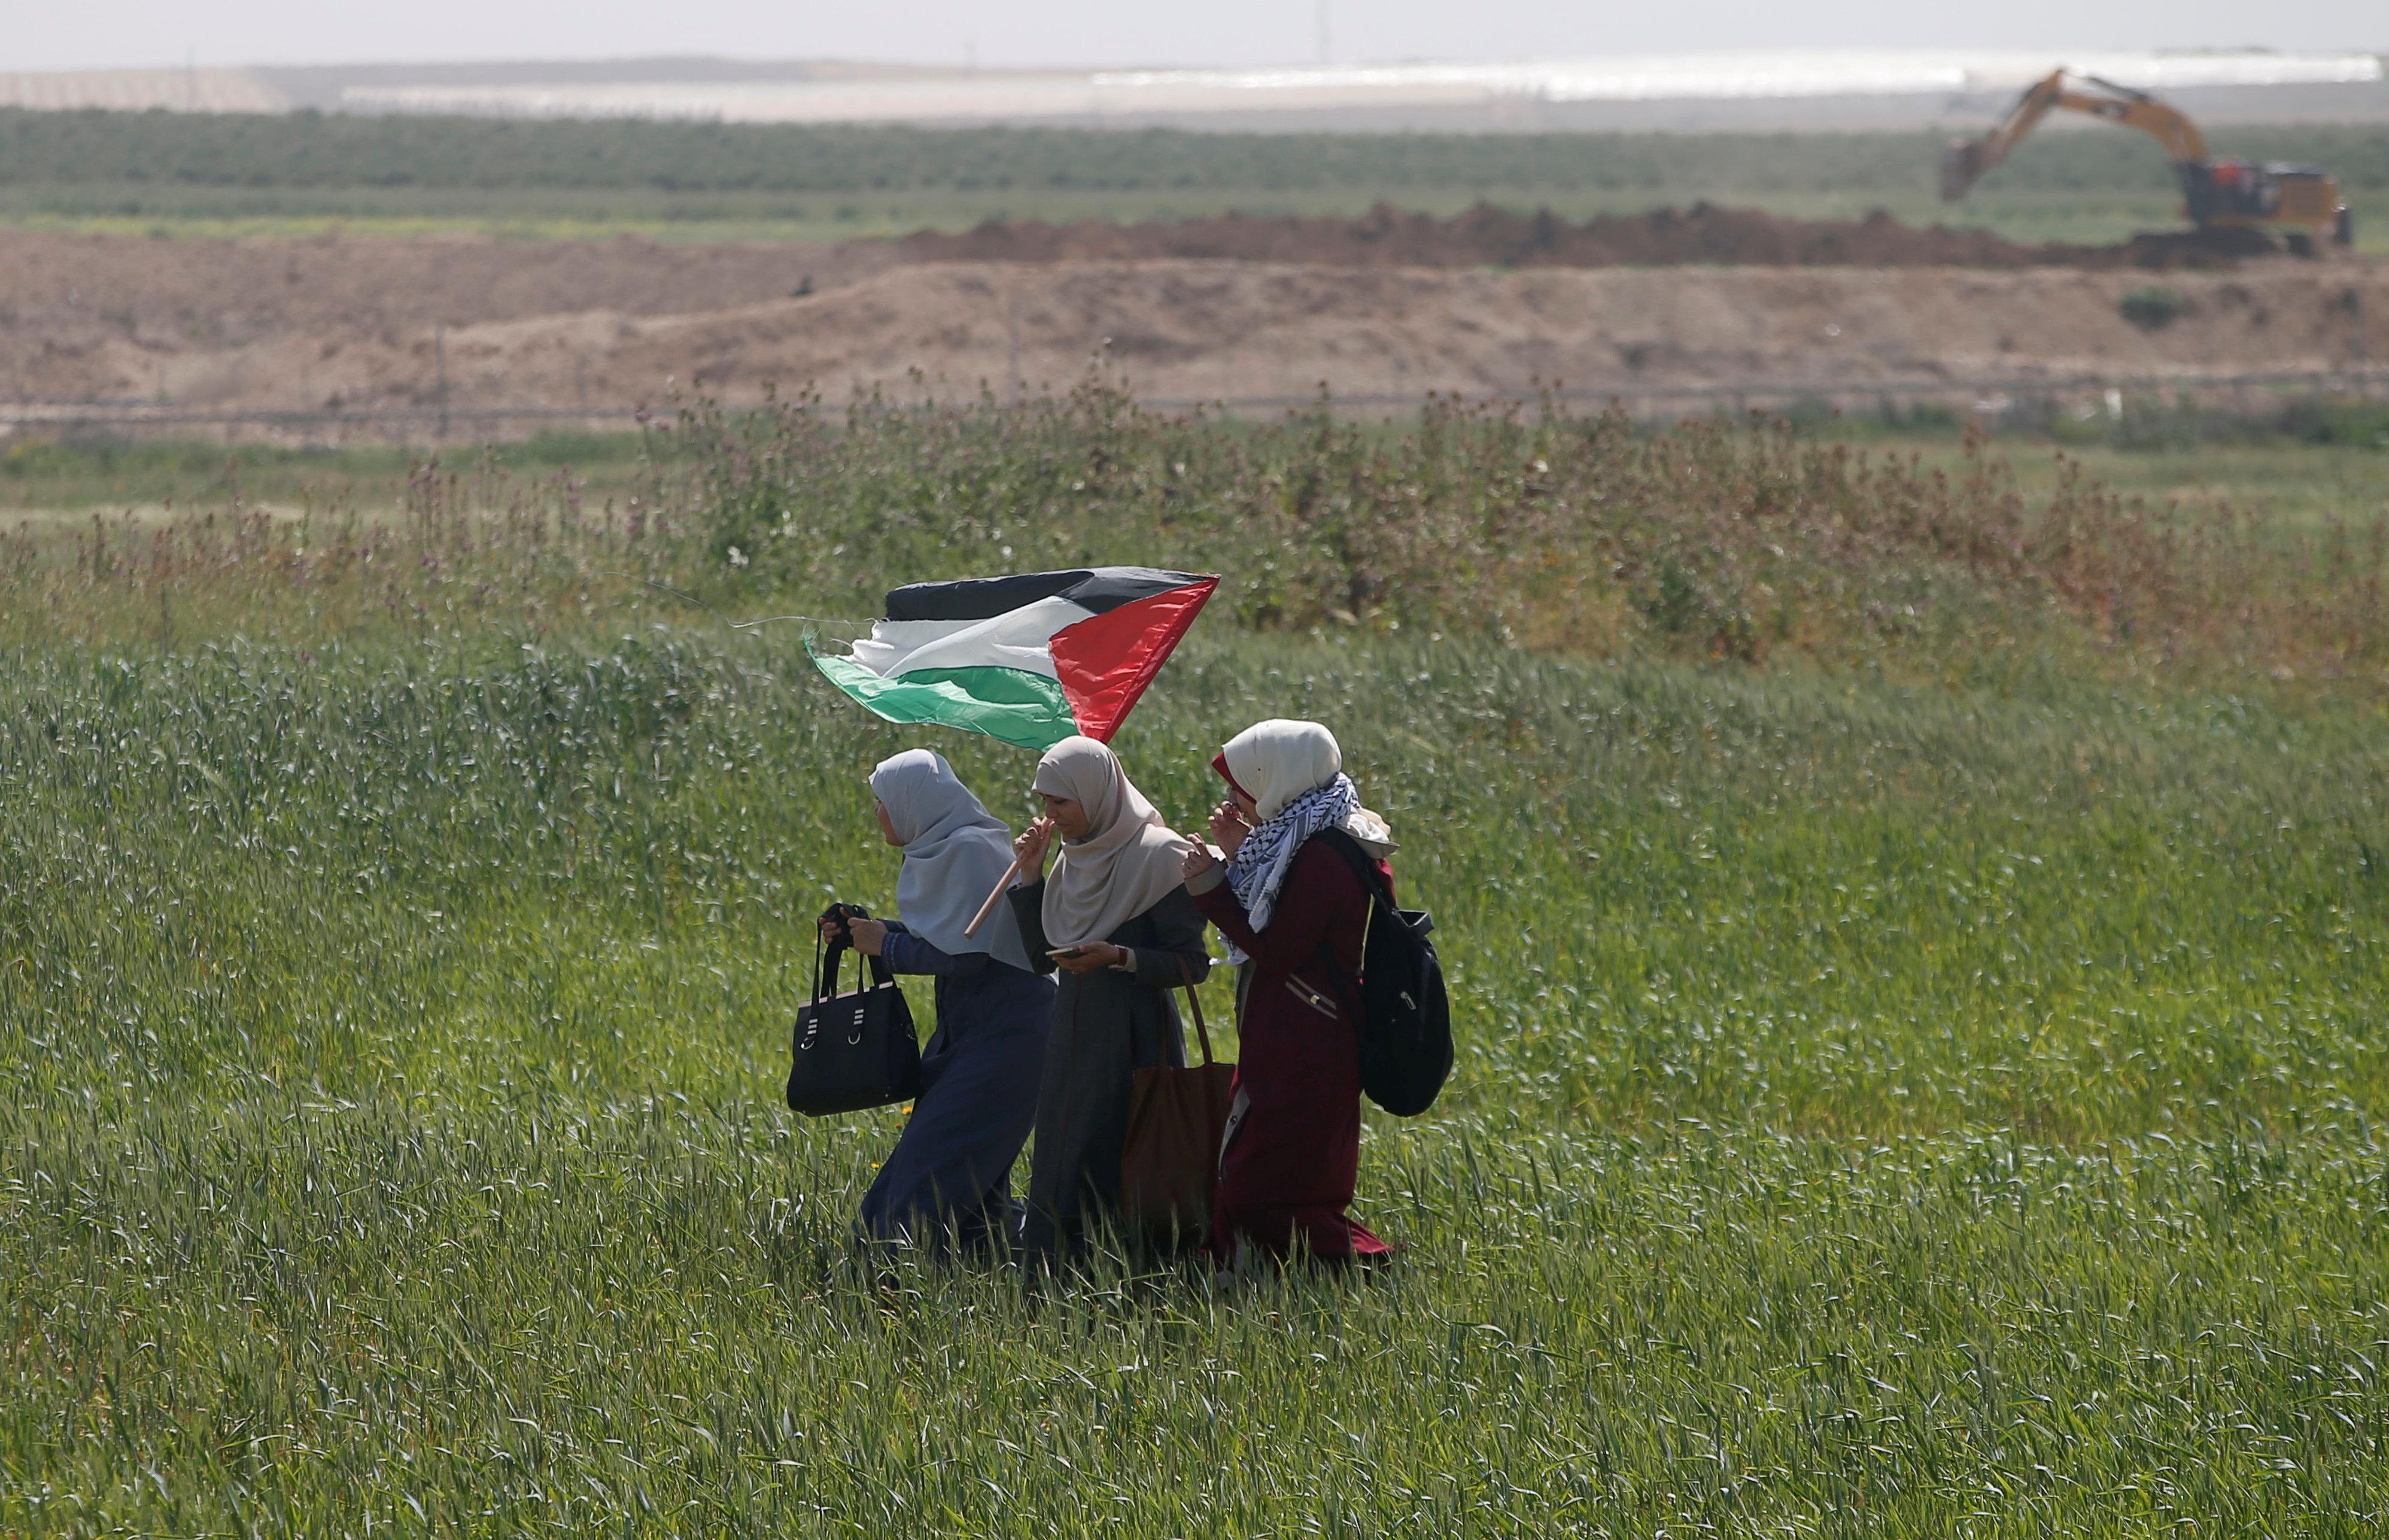 Νεκρός 27χρονος παλαιστίνιος γεωργός από ισραηλινή οβίδα λίγο πριν την έναρξη των κινητοποιήσεων διάρκειας 6